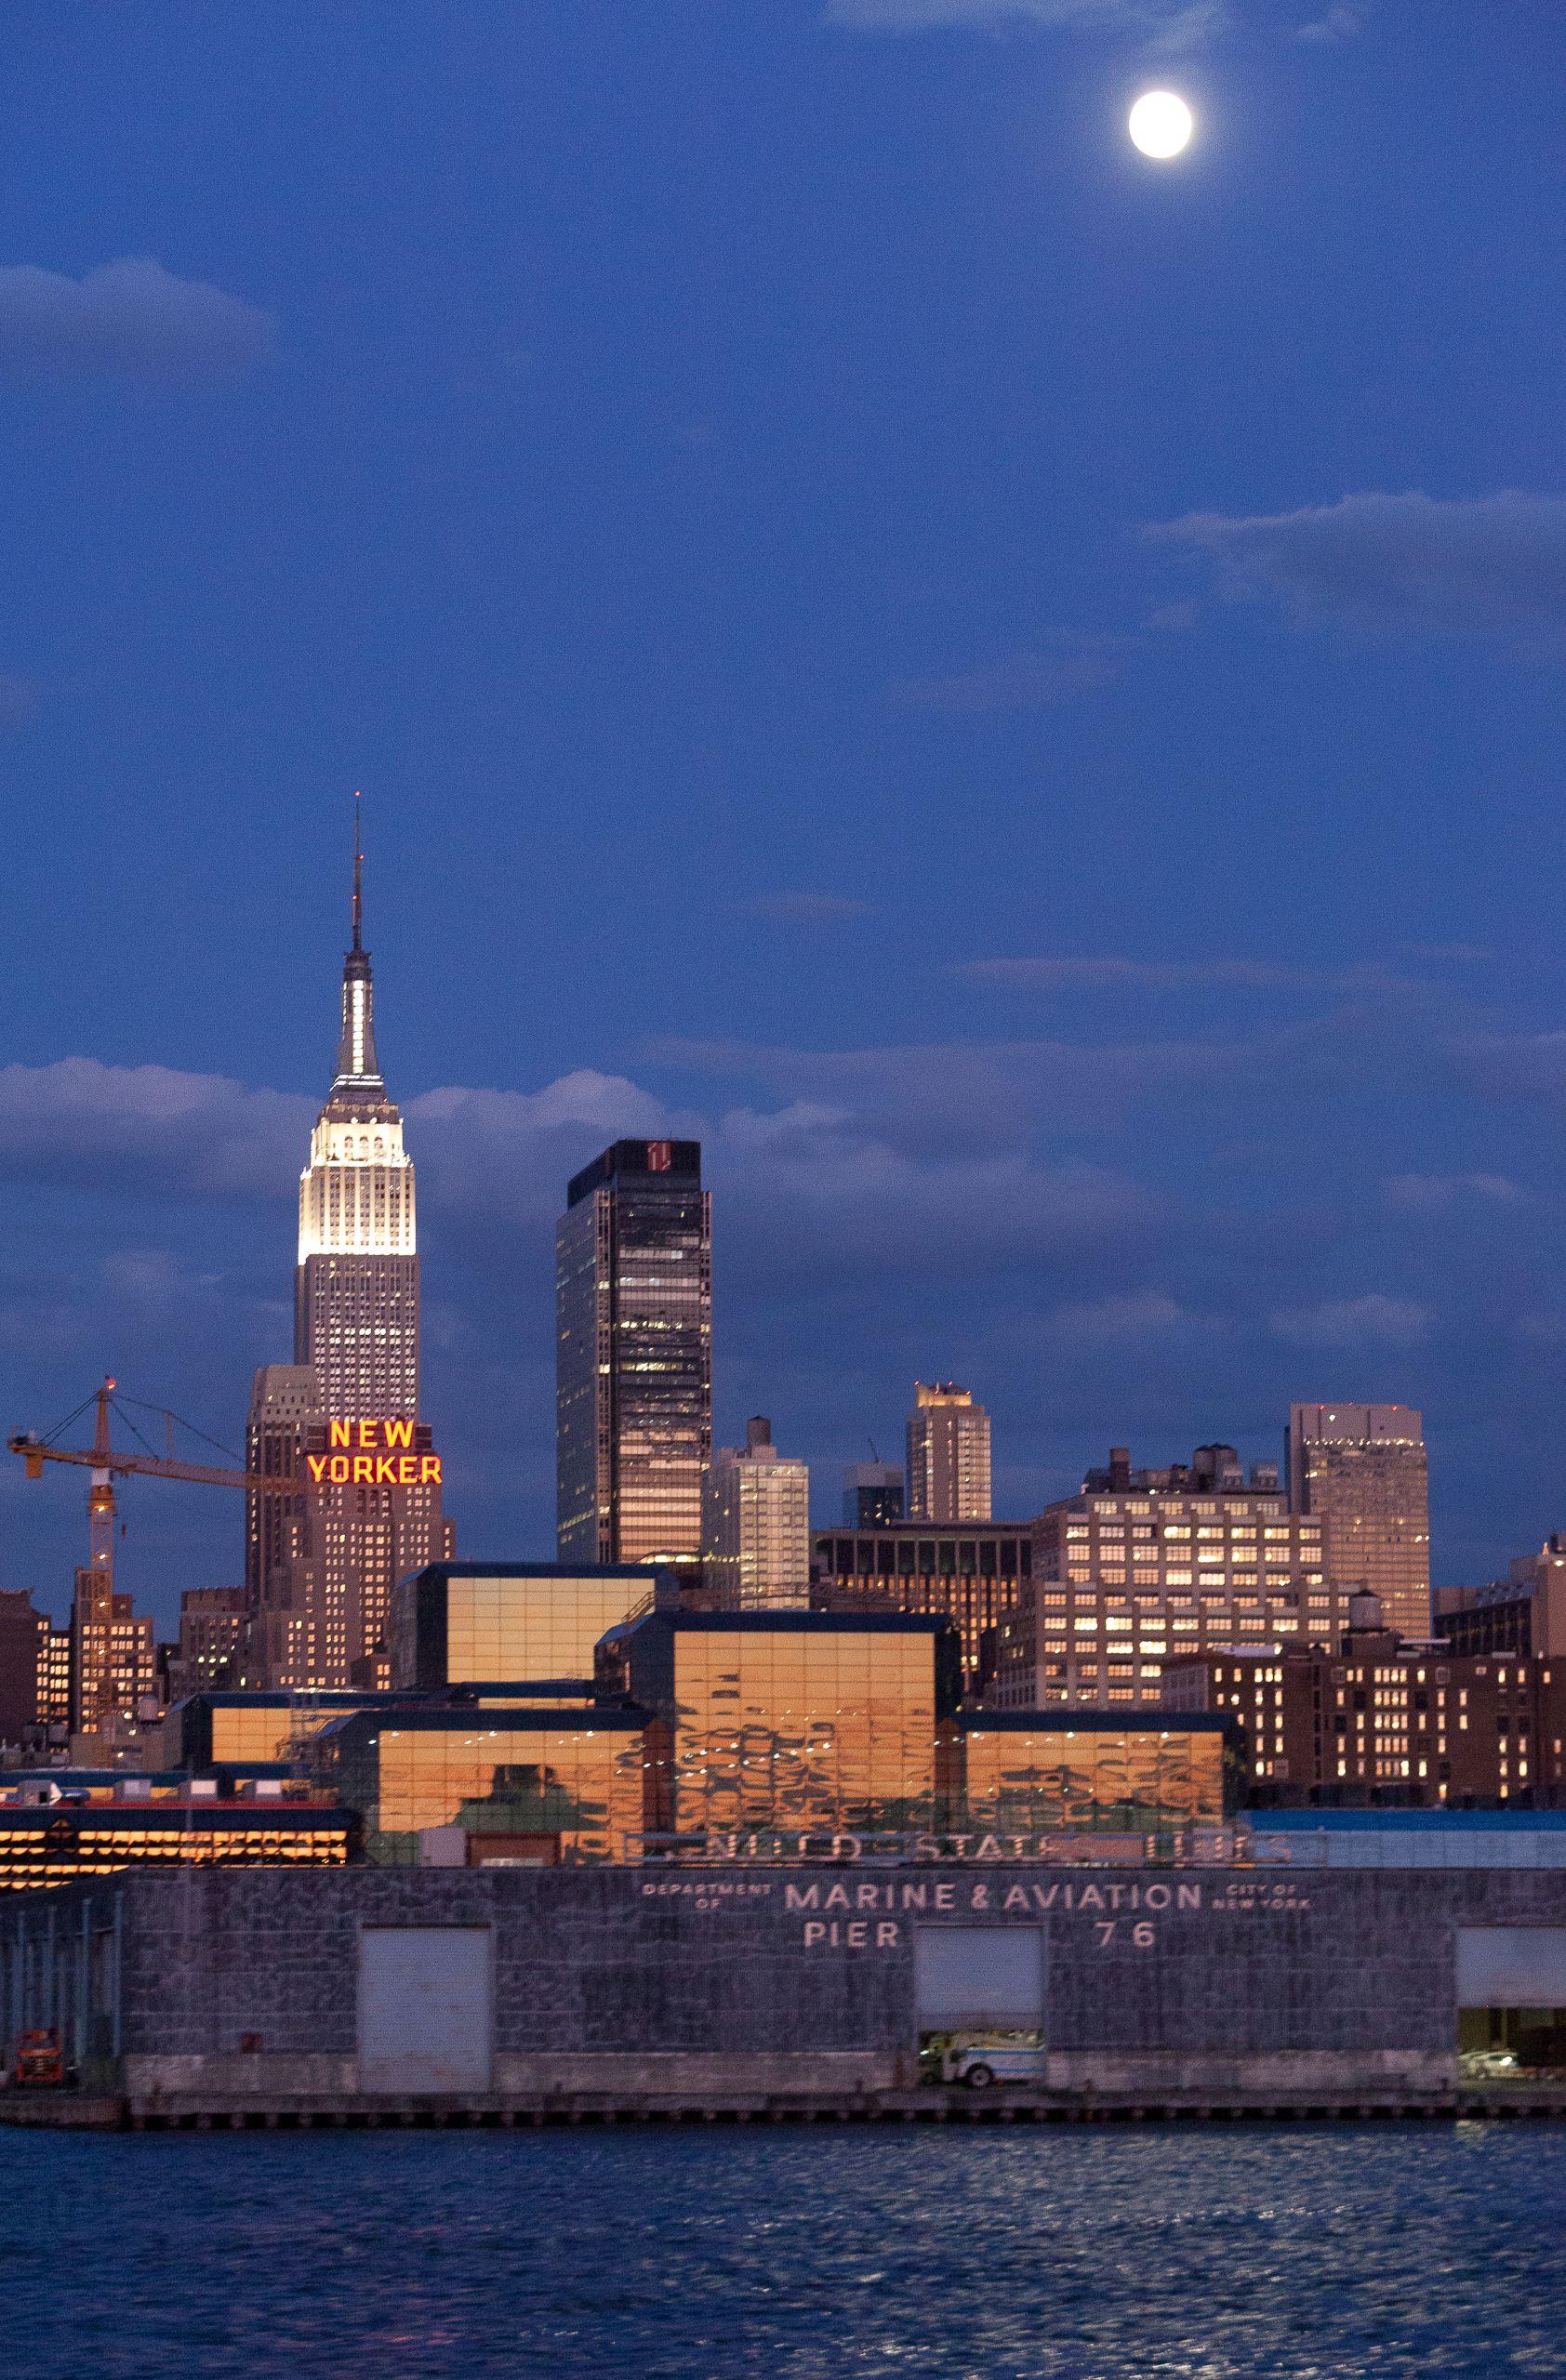 Pier 76, Manhattan